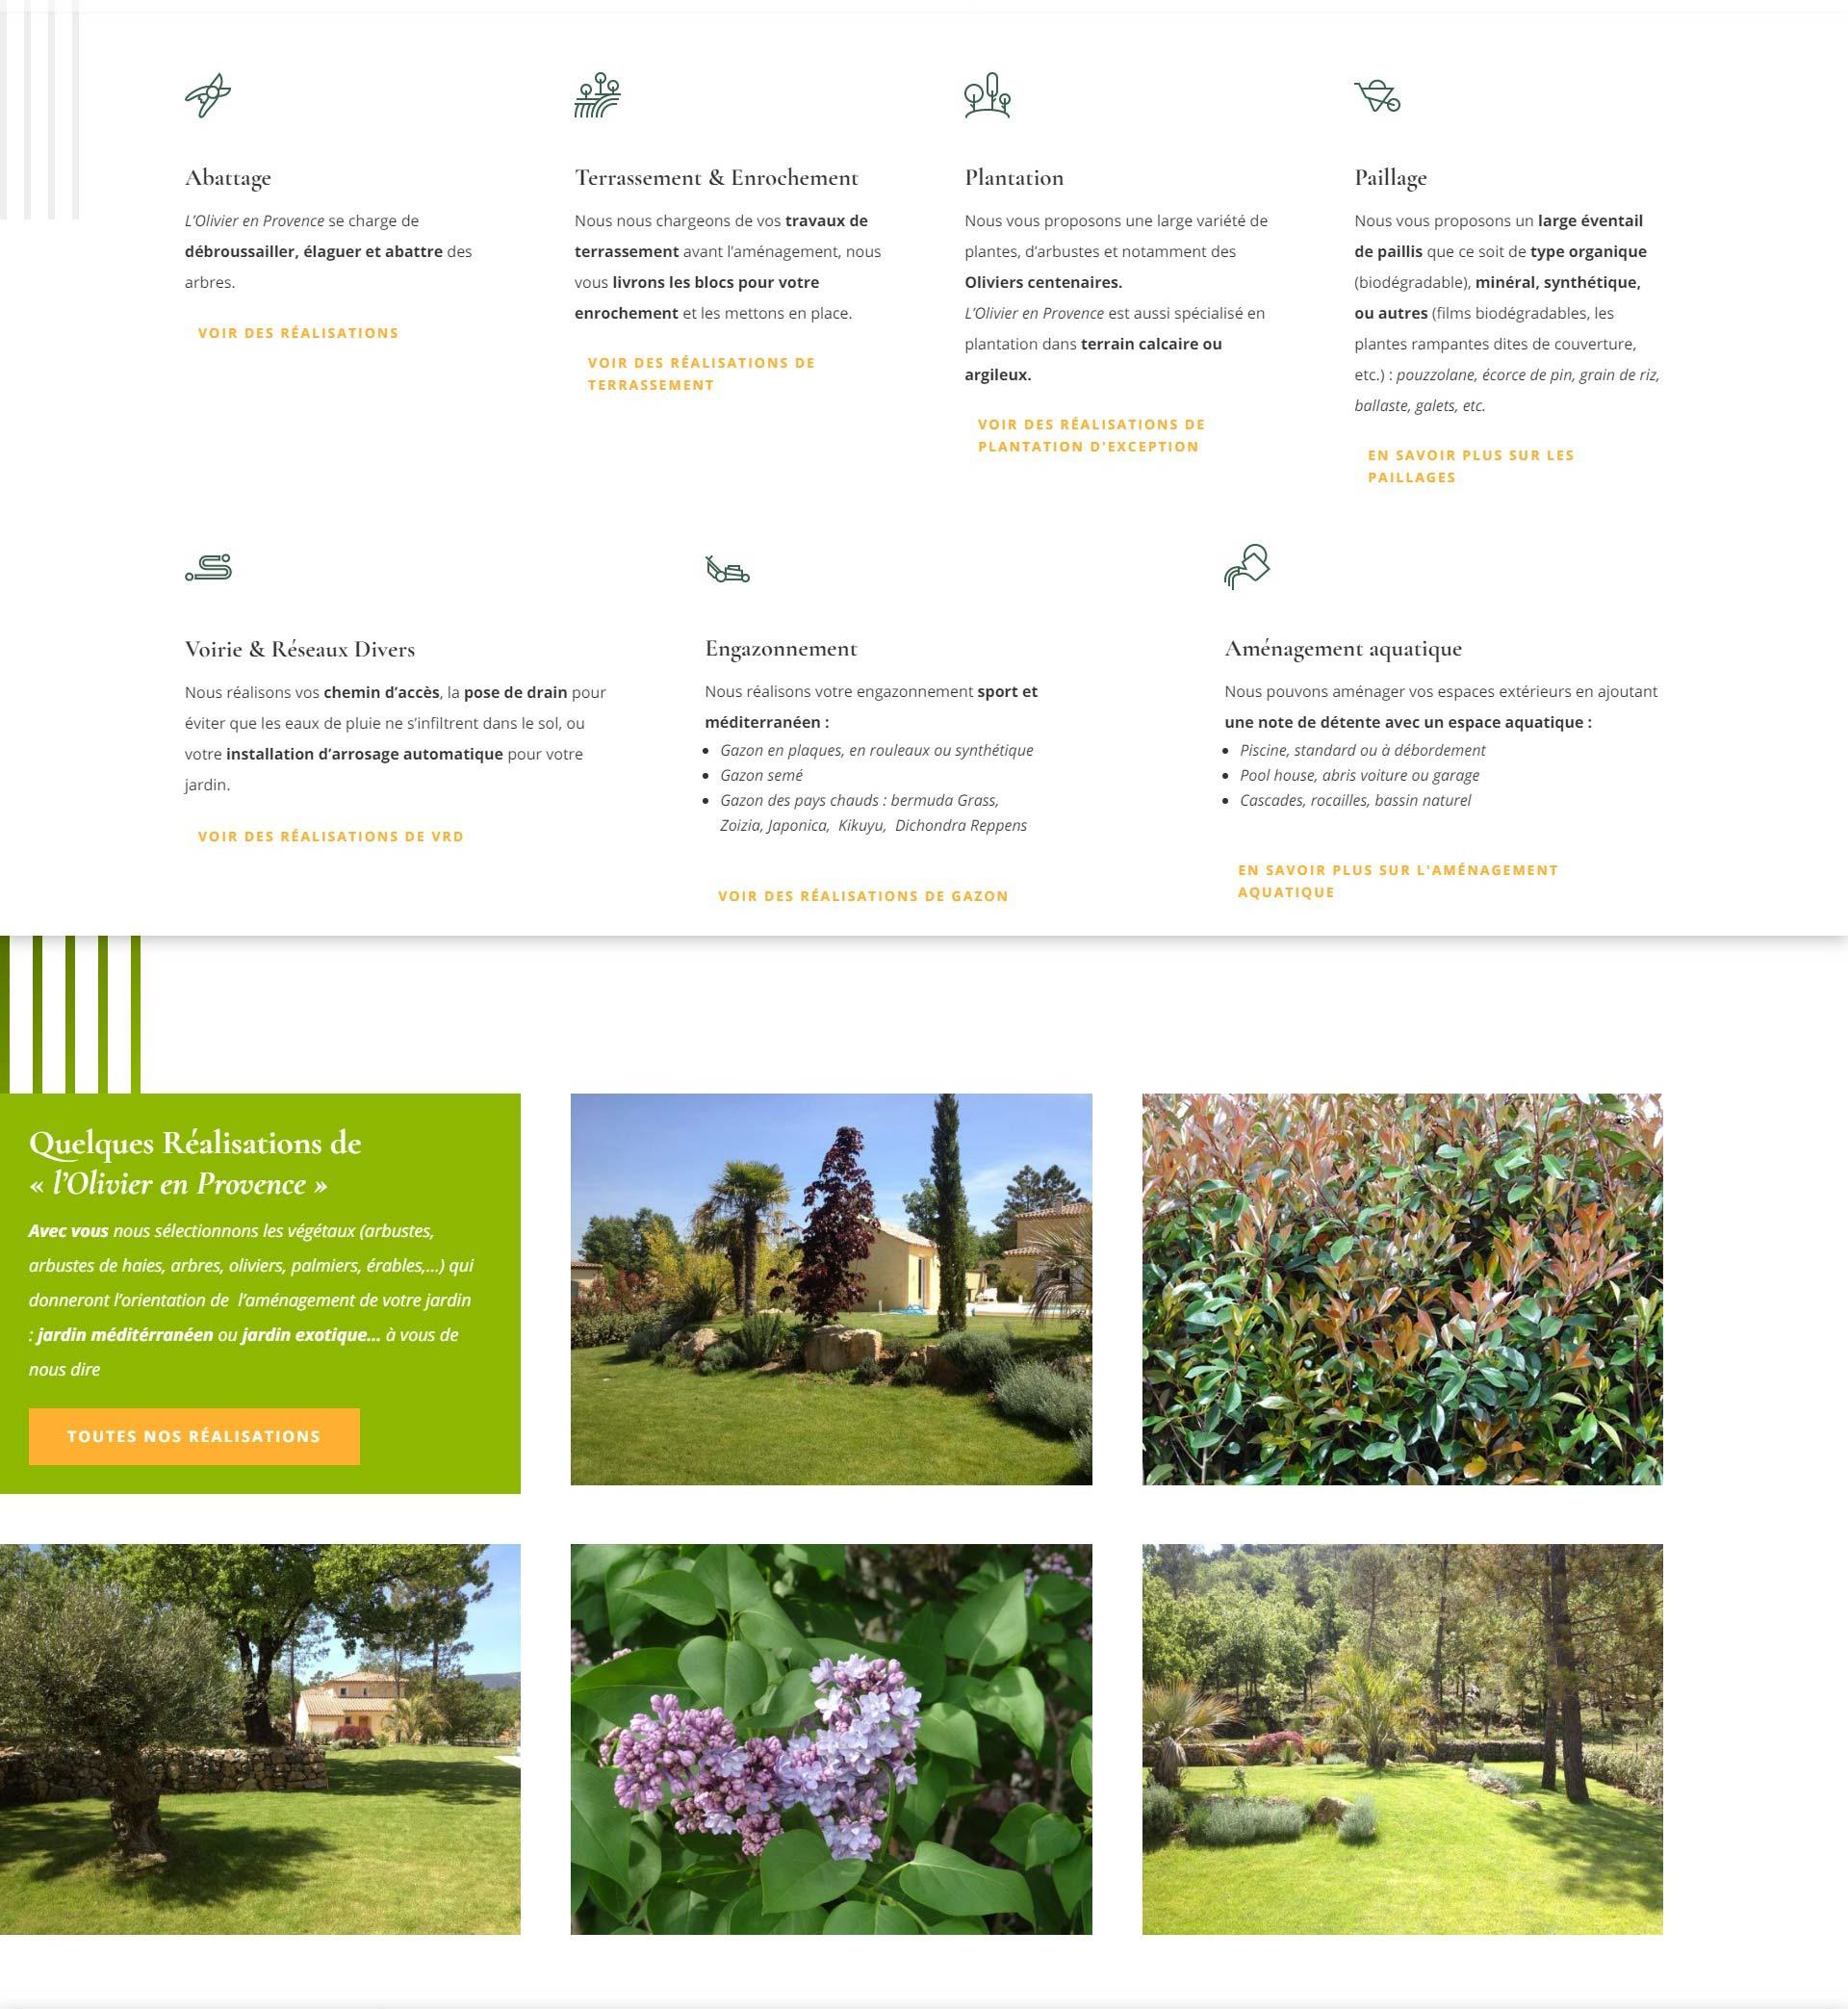 Stratégie marketing pour l'olivier en provence